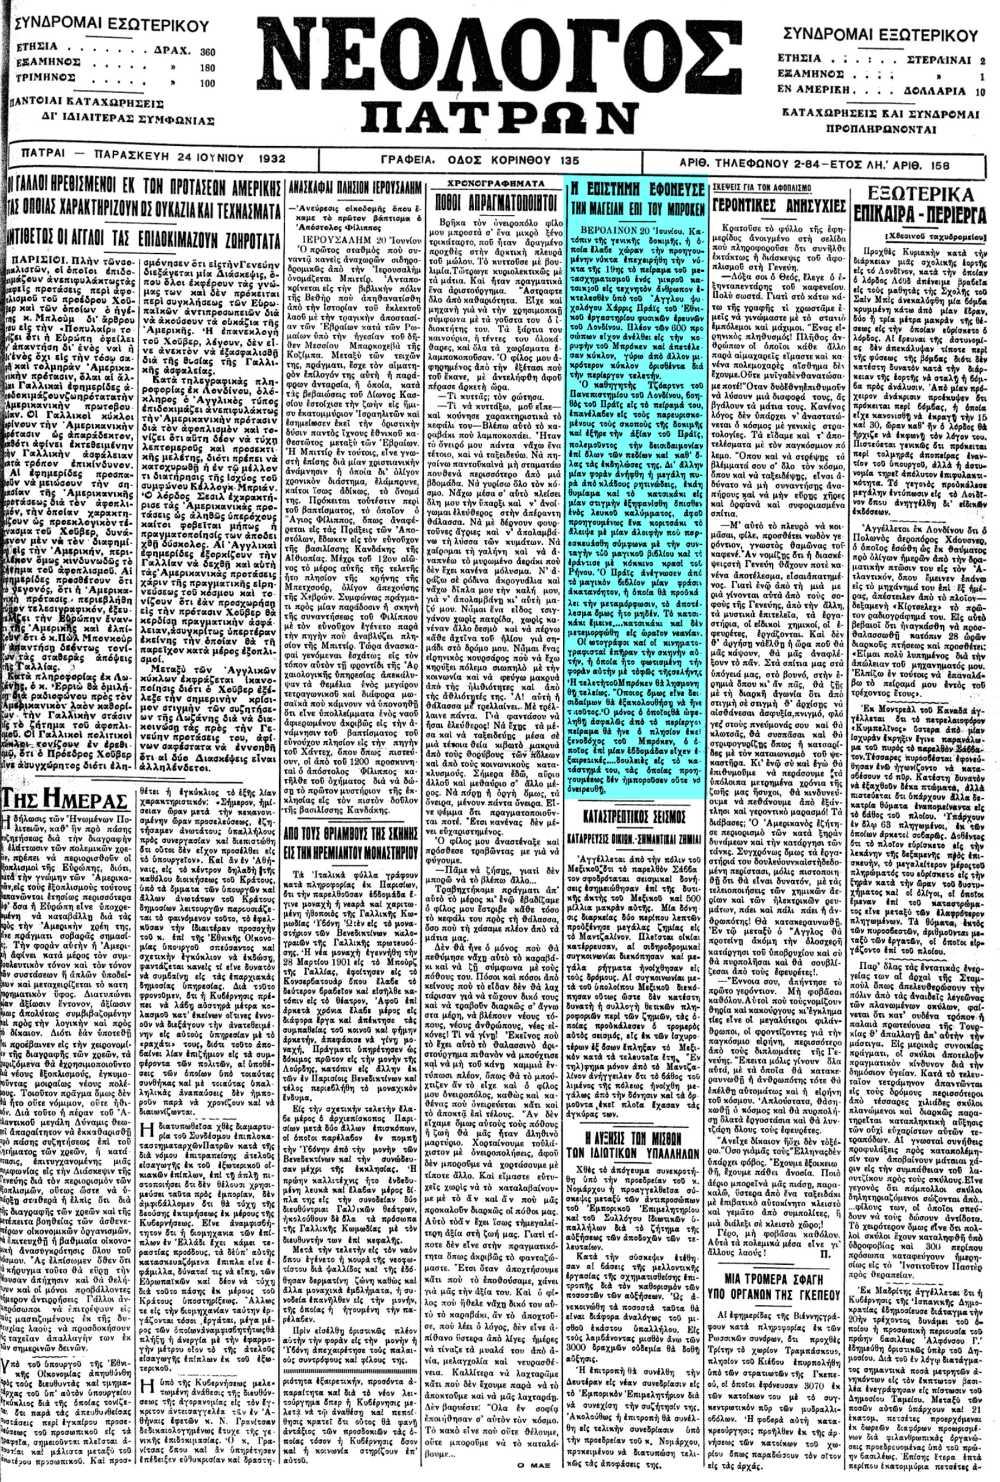 """Το άρθρο, όπως δημοσιεύθηκε στην εφημερίδα """"ΝΕΟΛΟΓΟΣ ΠΑΤΡΩΝ"""", στις 24/06/1932"""